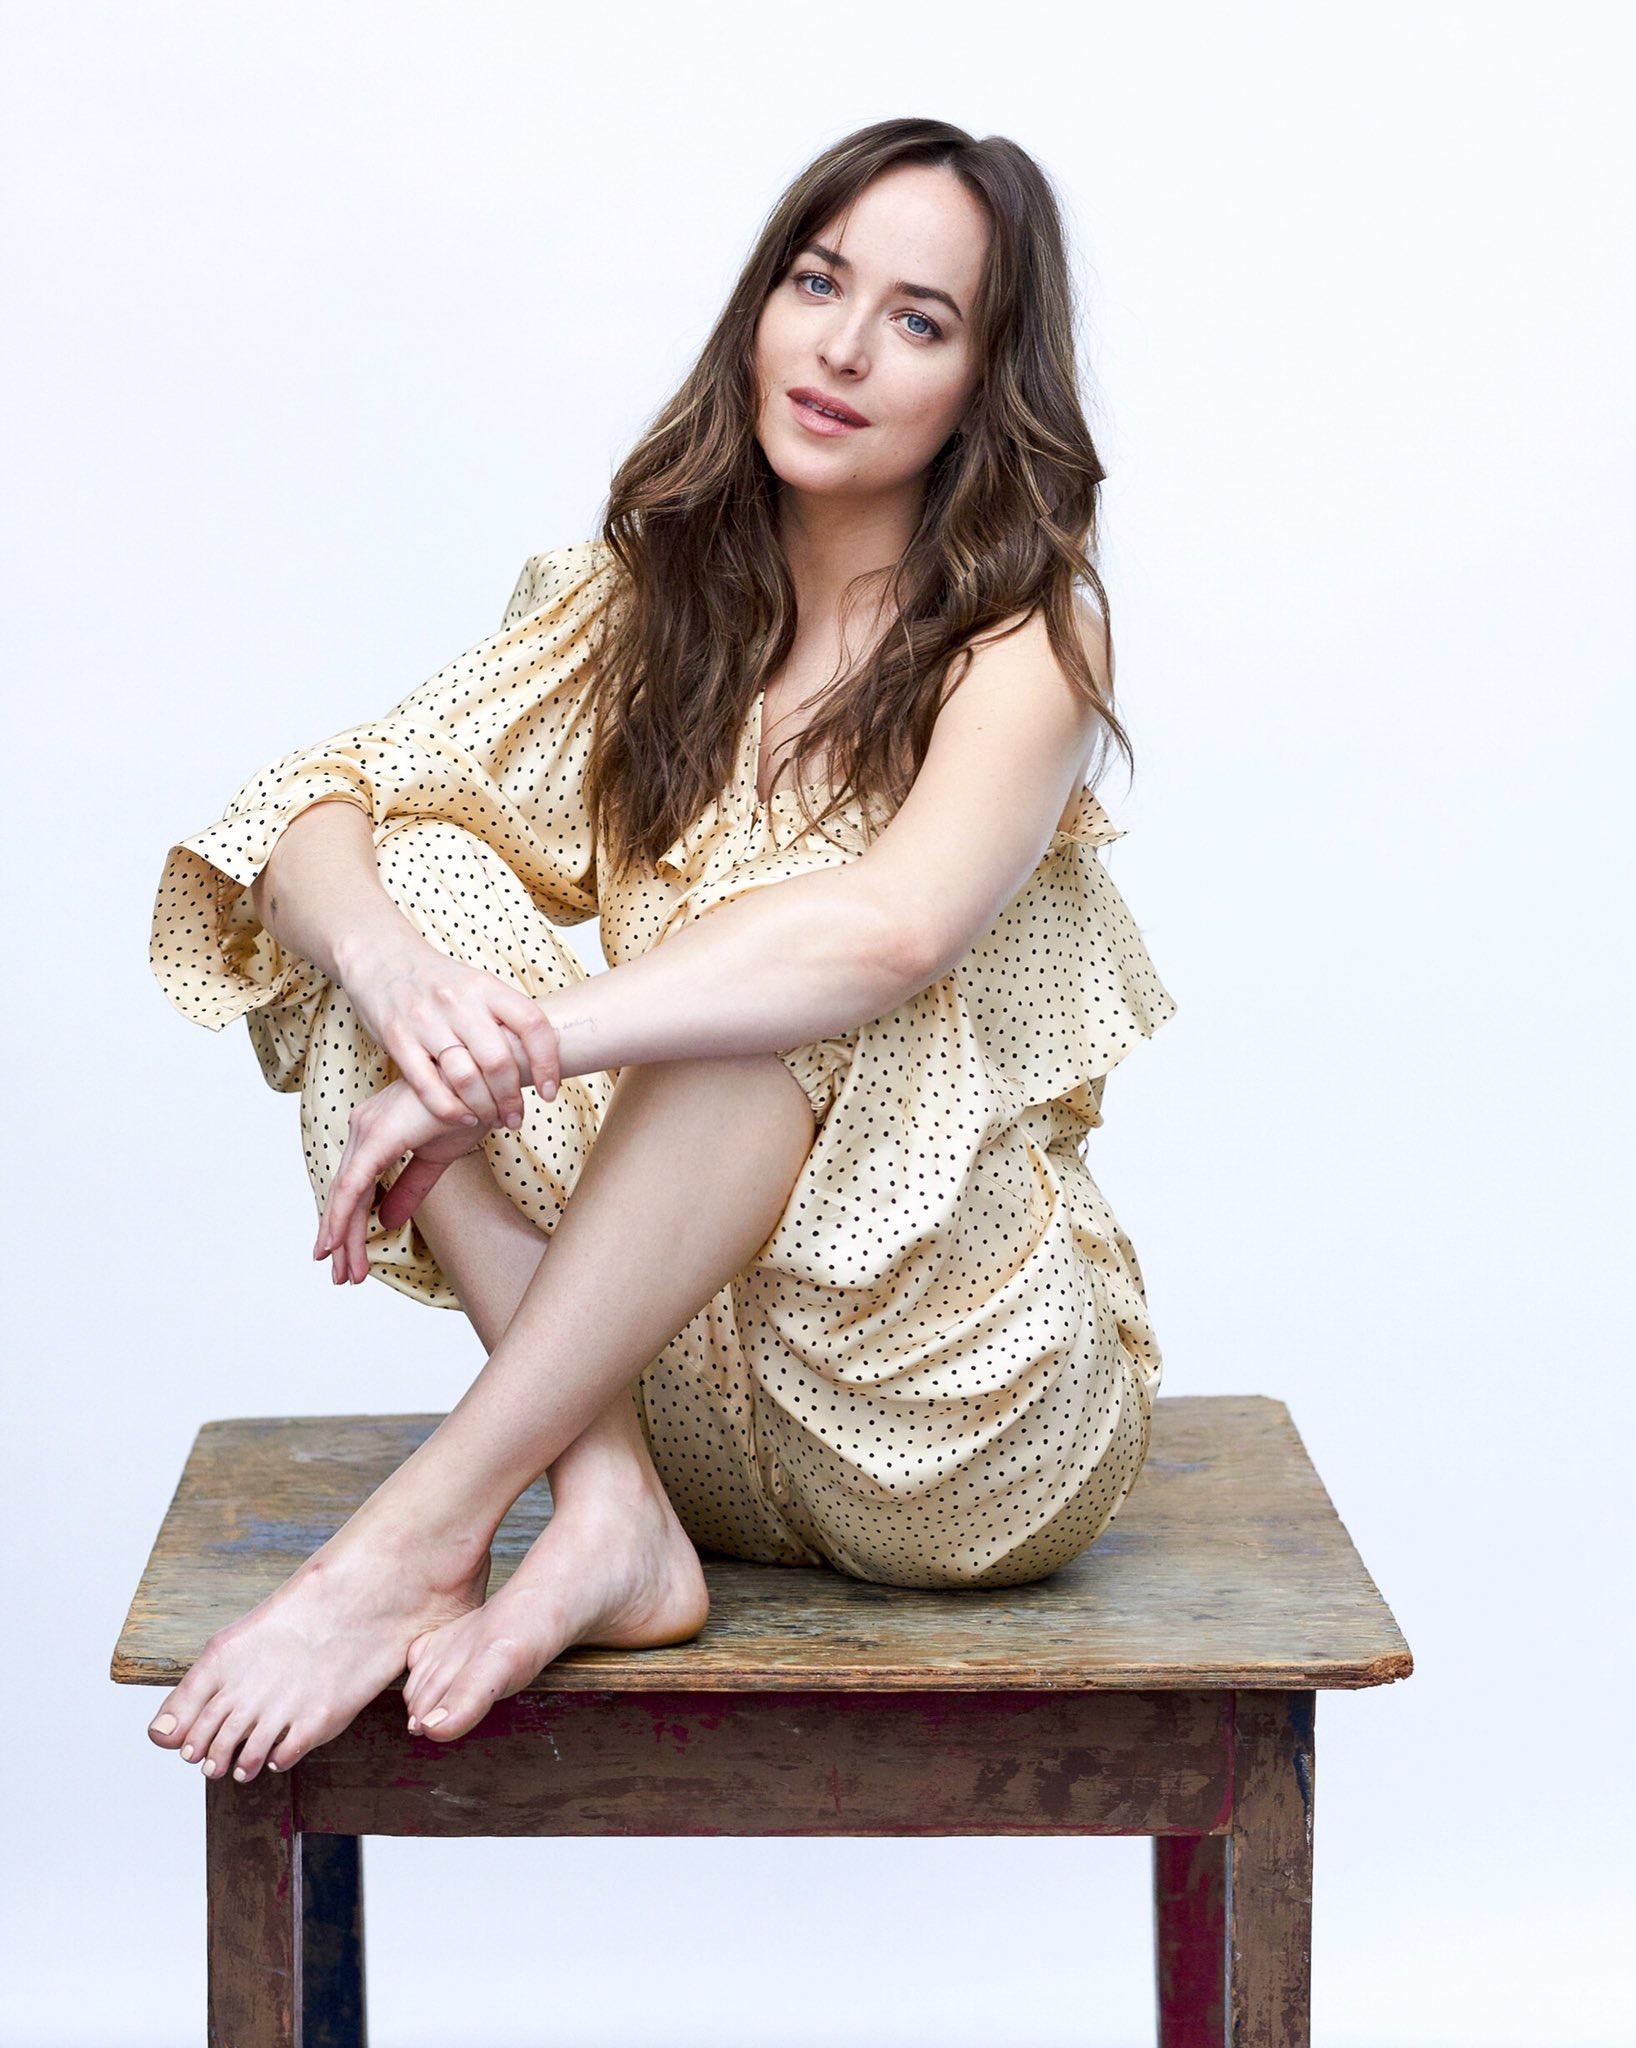 Dakota Johnson Marie Claire Italia Photoshoot 2018 Hq